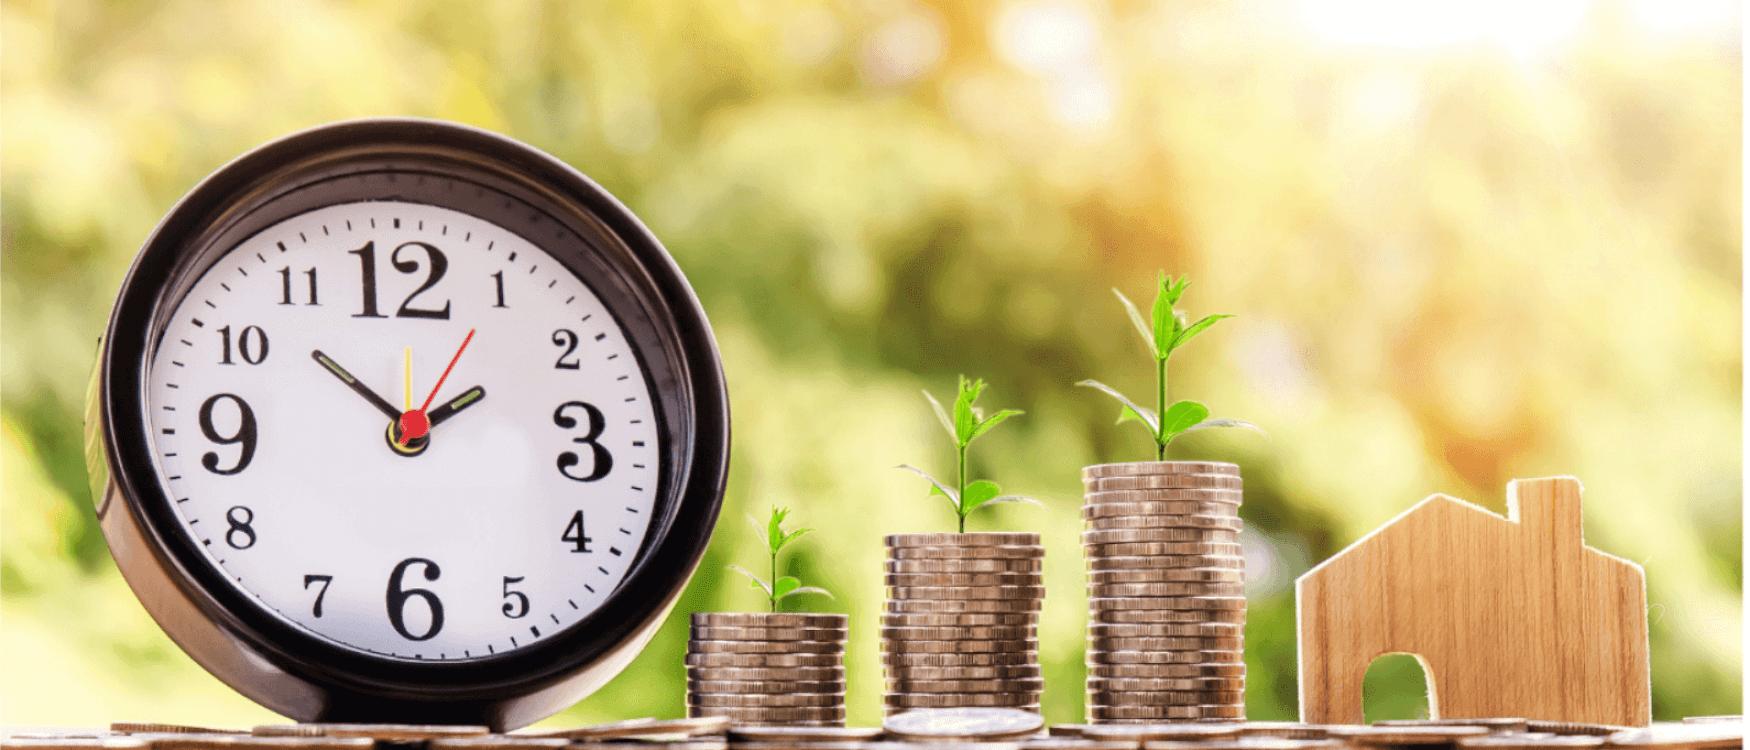 Vergleichen und Sparen Hintergrund